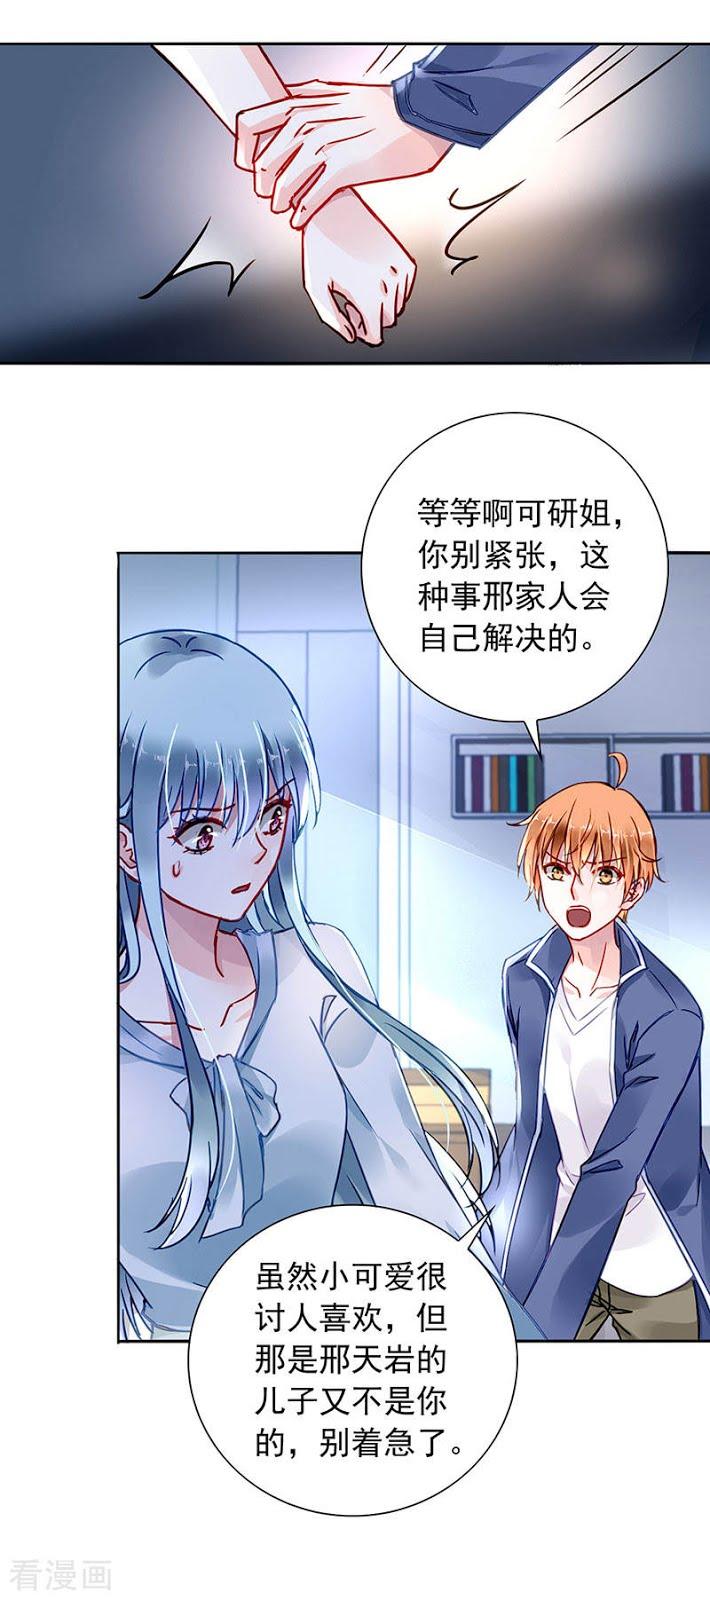 落難千金的逆襲: 203話 煜城不見了?! - 第13页